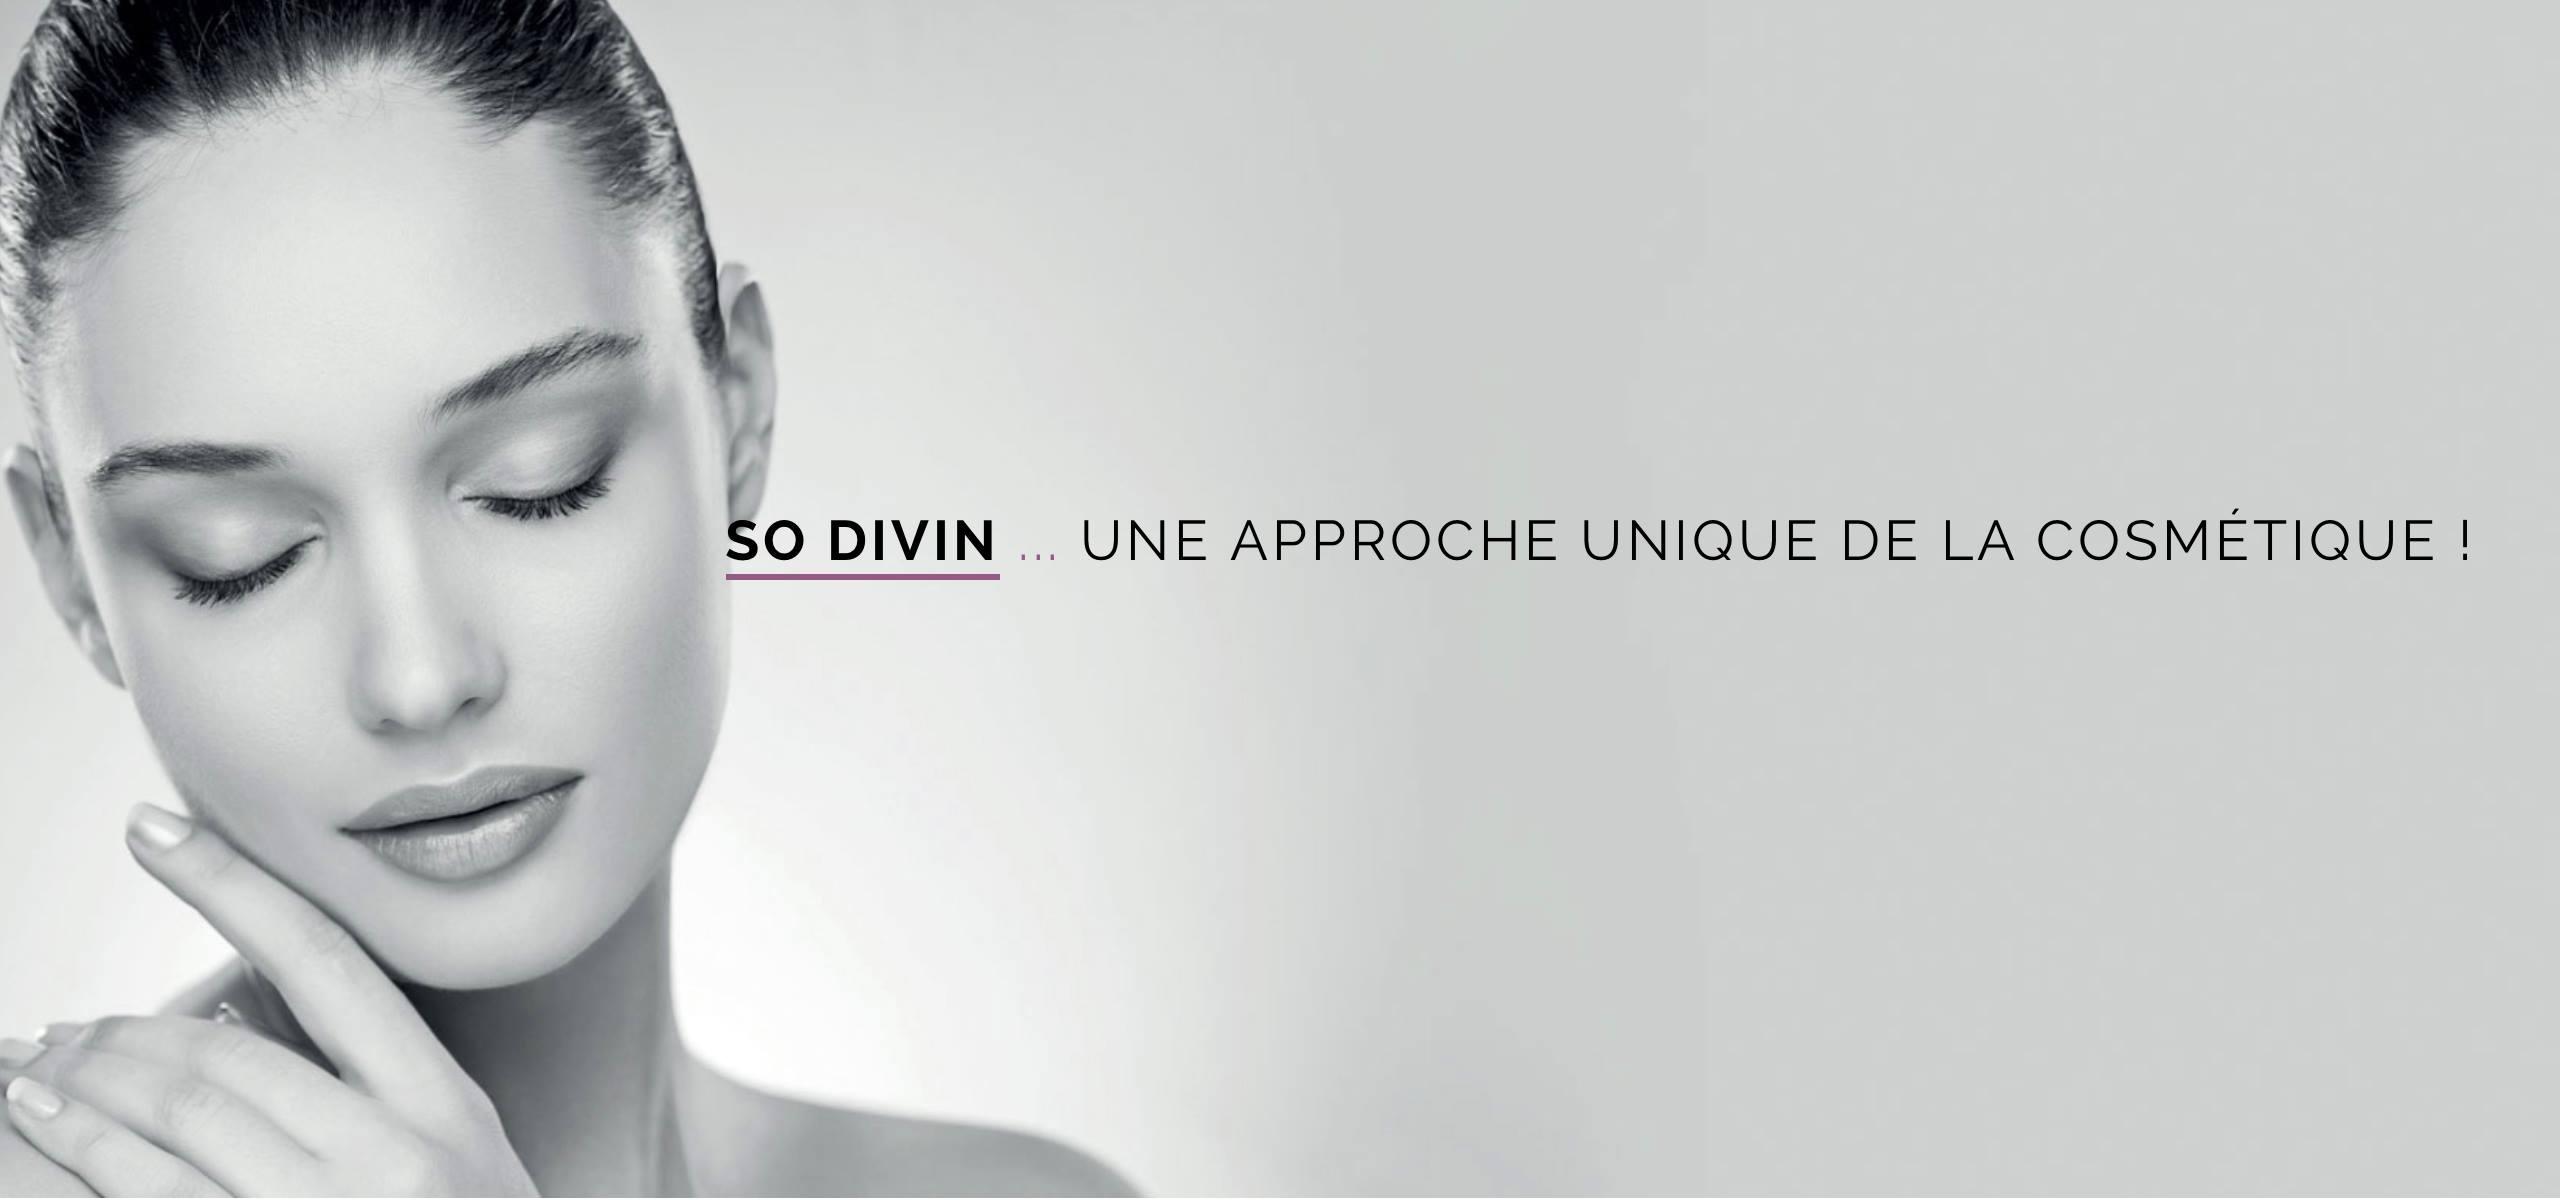 A vos marques, prêt, c'est parti pour notre animation ECLAT DU TEINT !!! pour deux produits SO DIVIN...